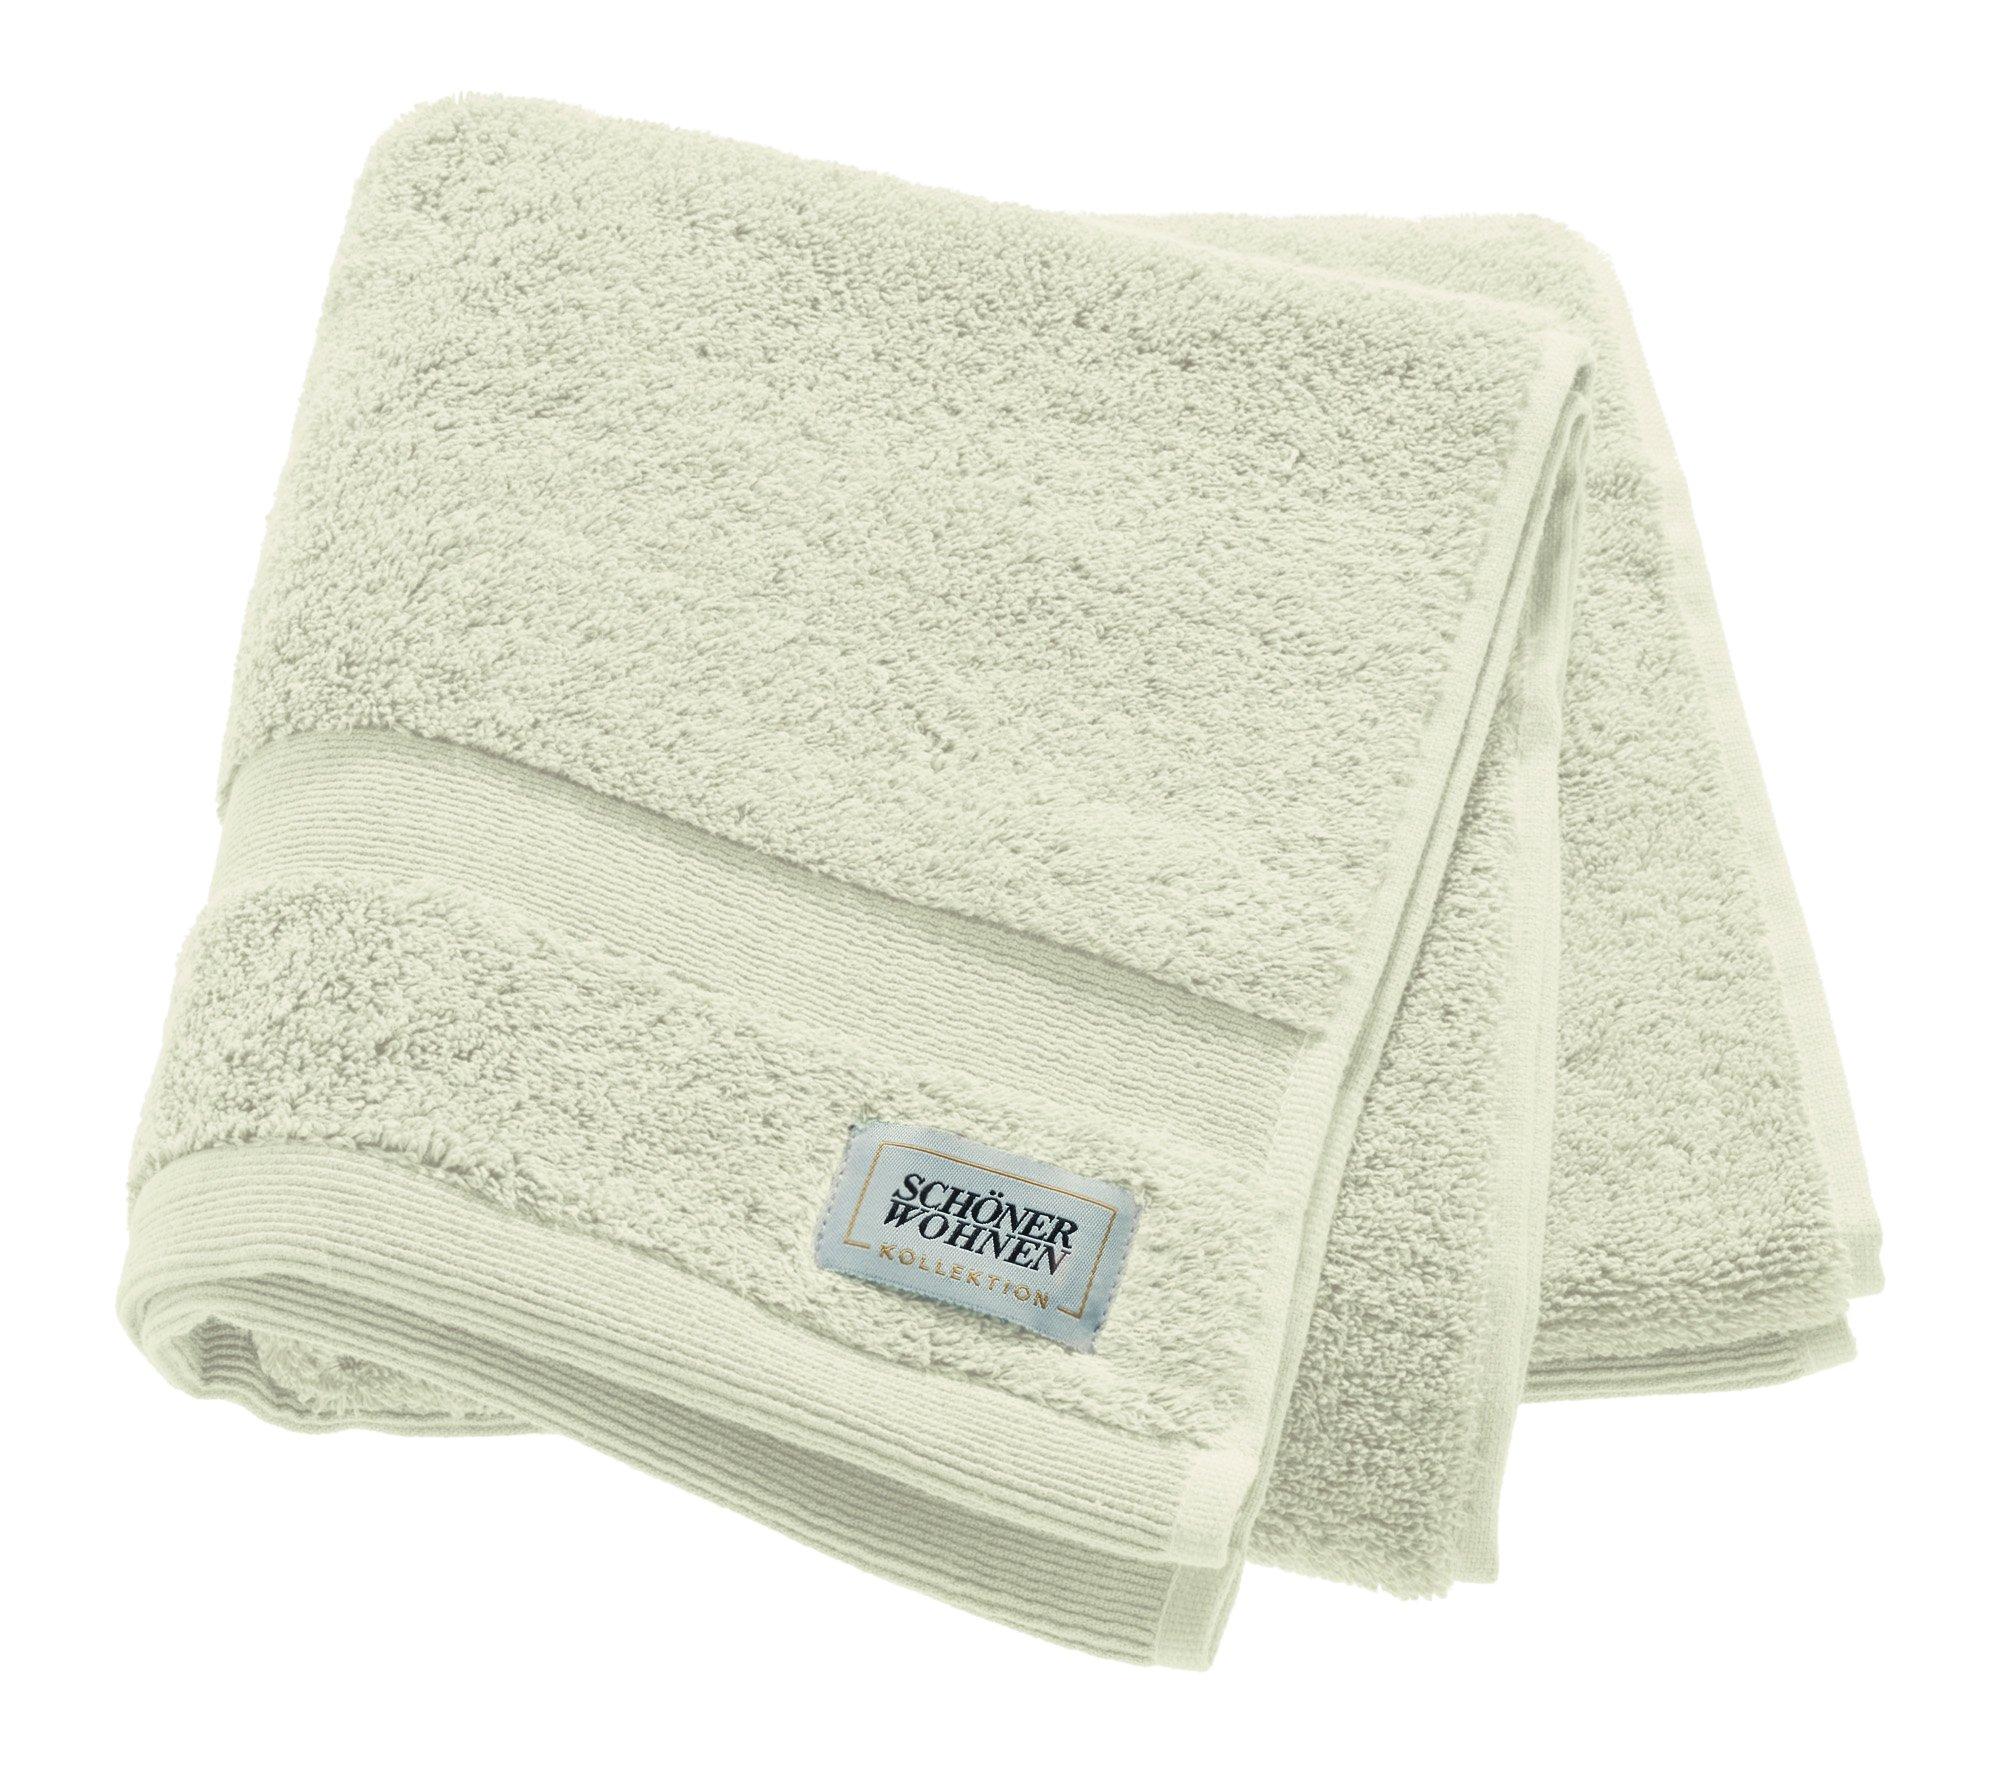 Cuddly Handtuch 50x100cm,offwhite